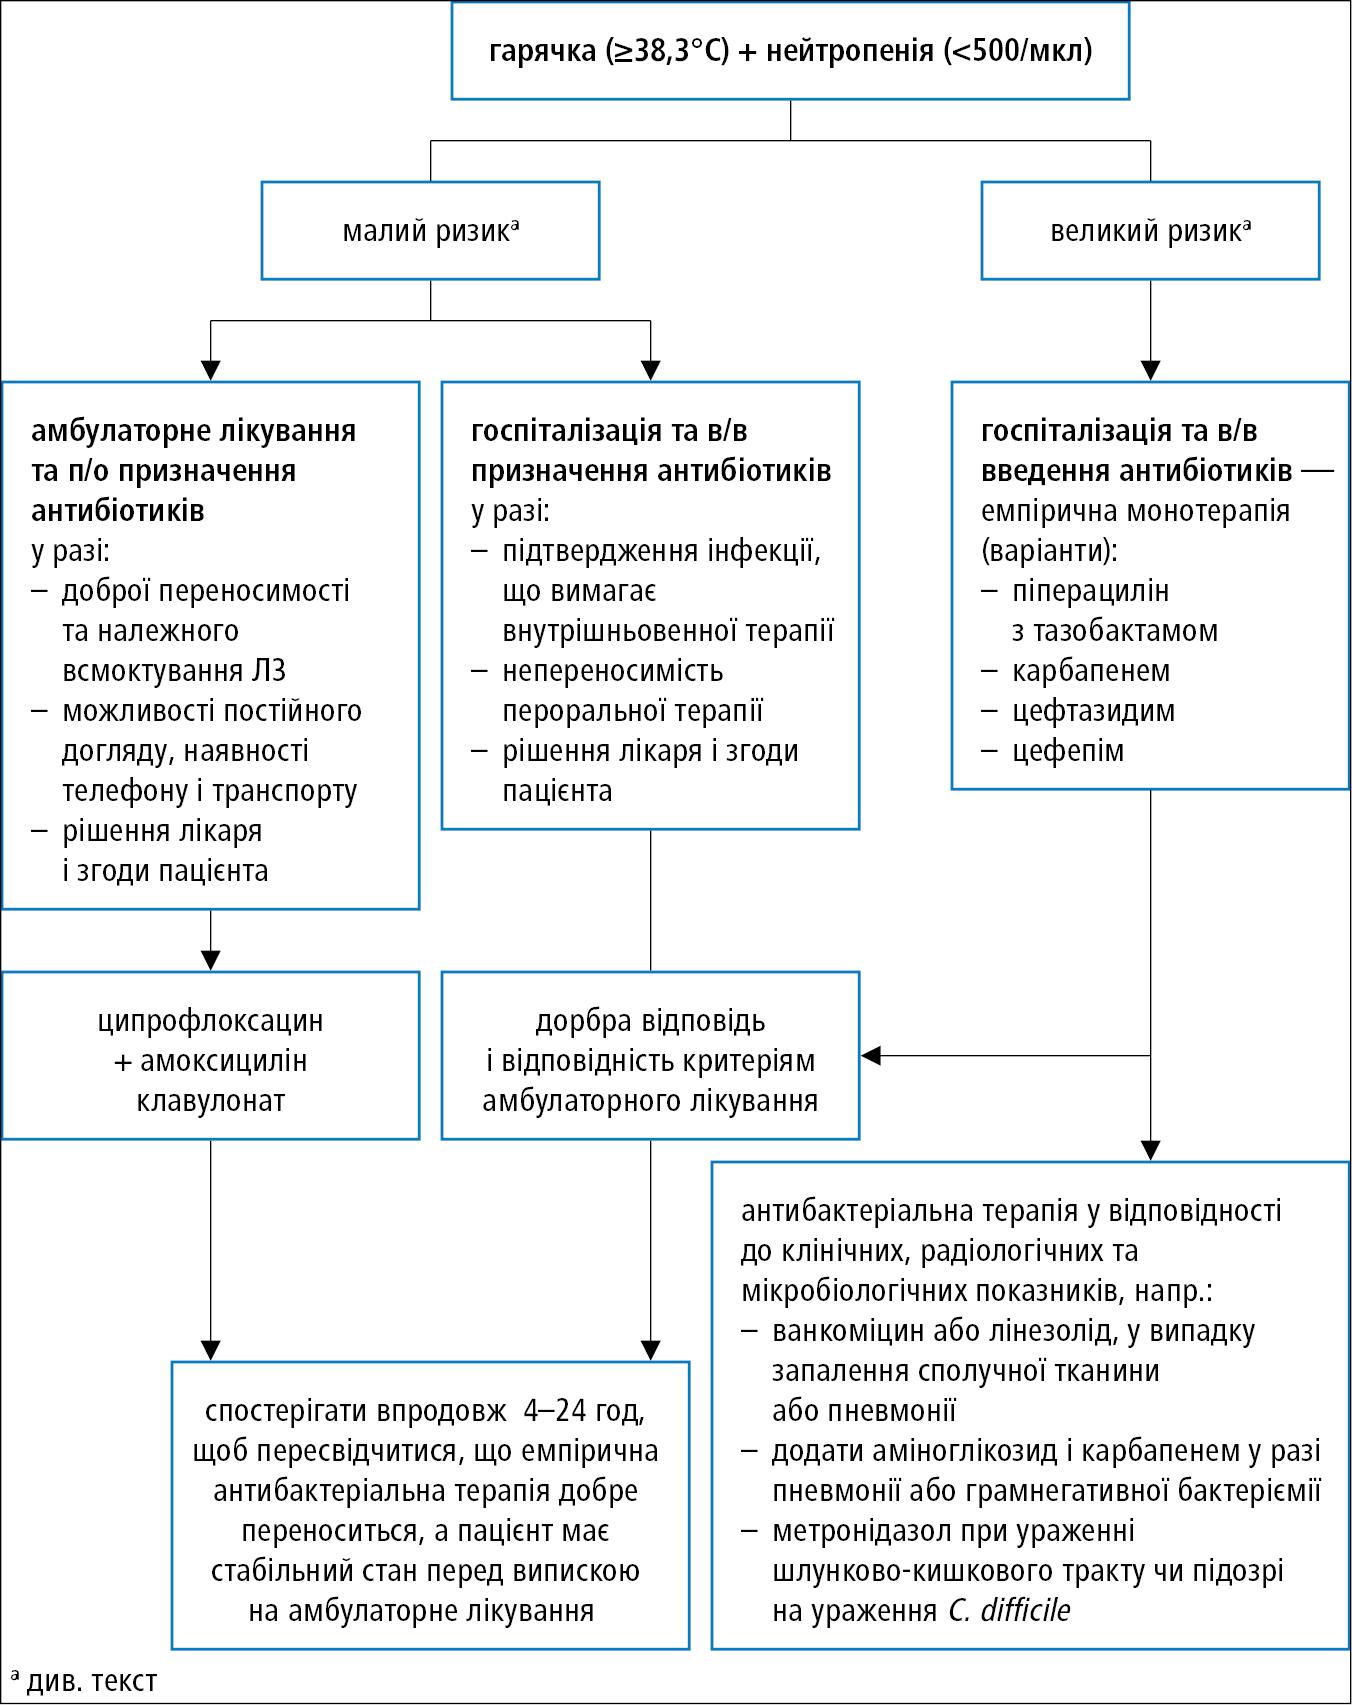 Початкова тактика упацієнтів зфебрильною нейтропенією